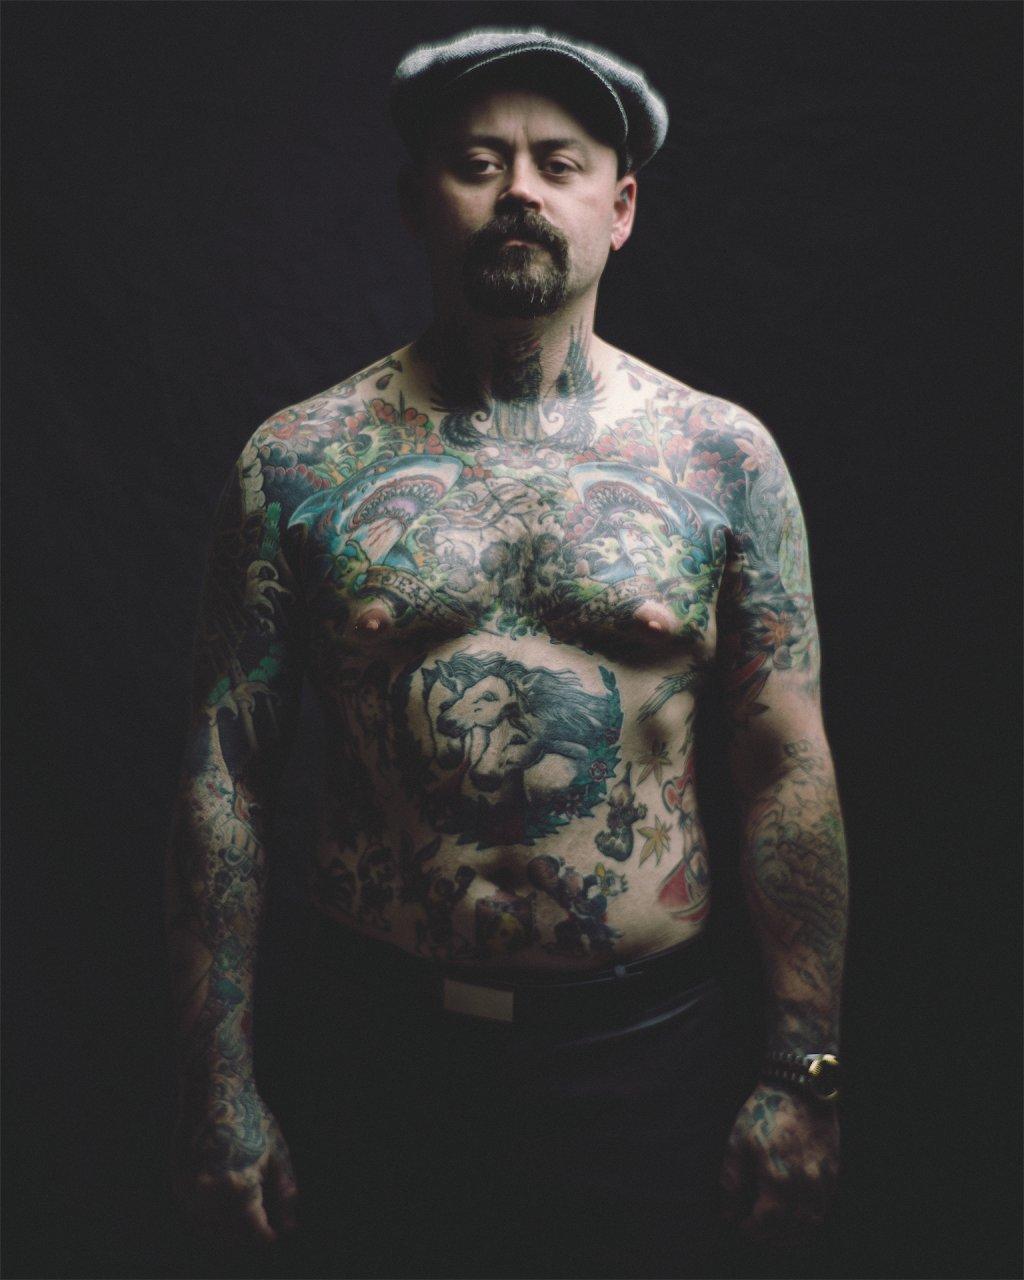 Tattoo-Portrait-_MWS8290v1-1024x1280.jpg